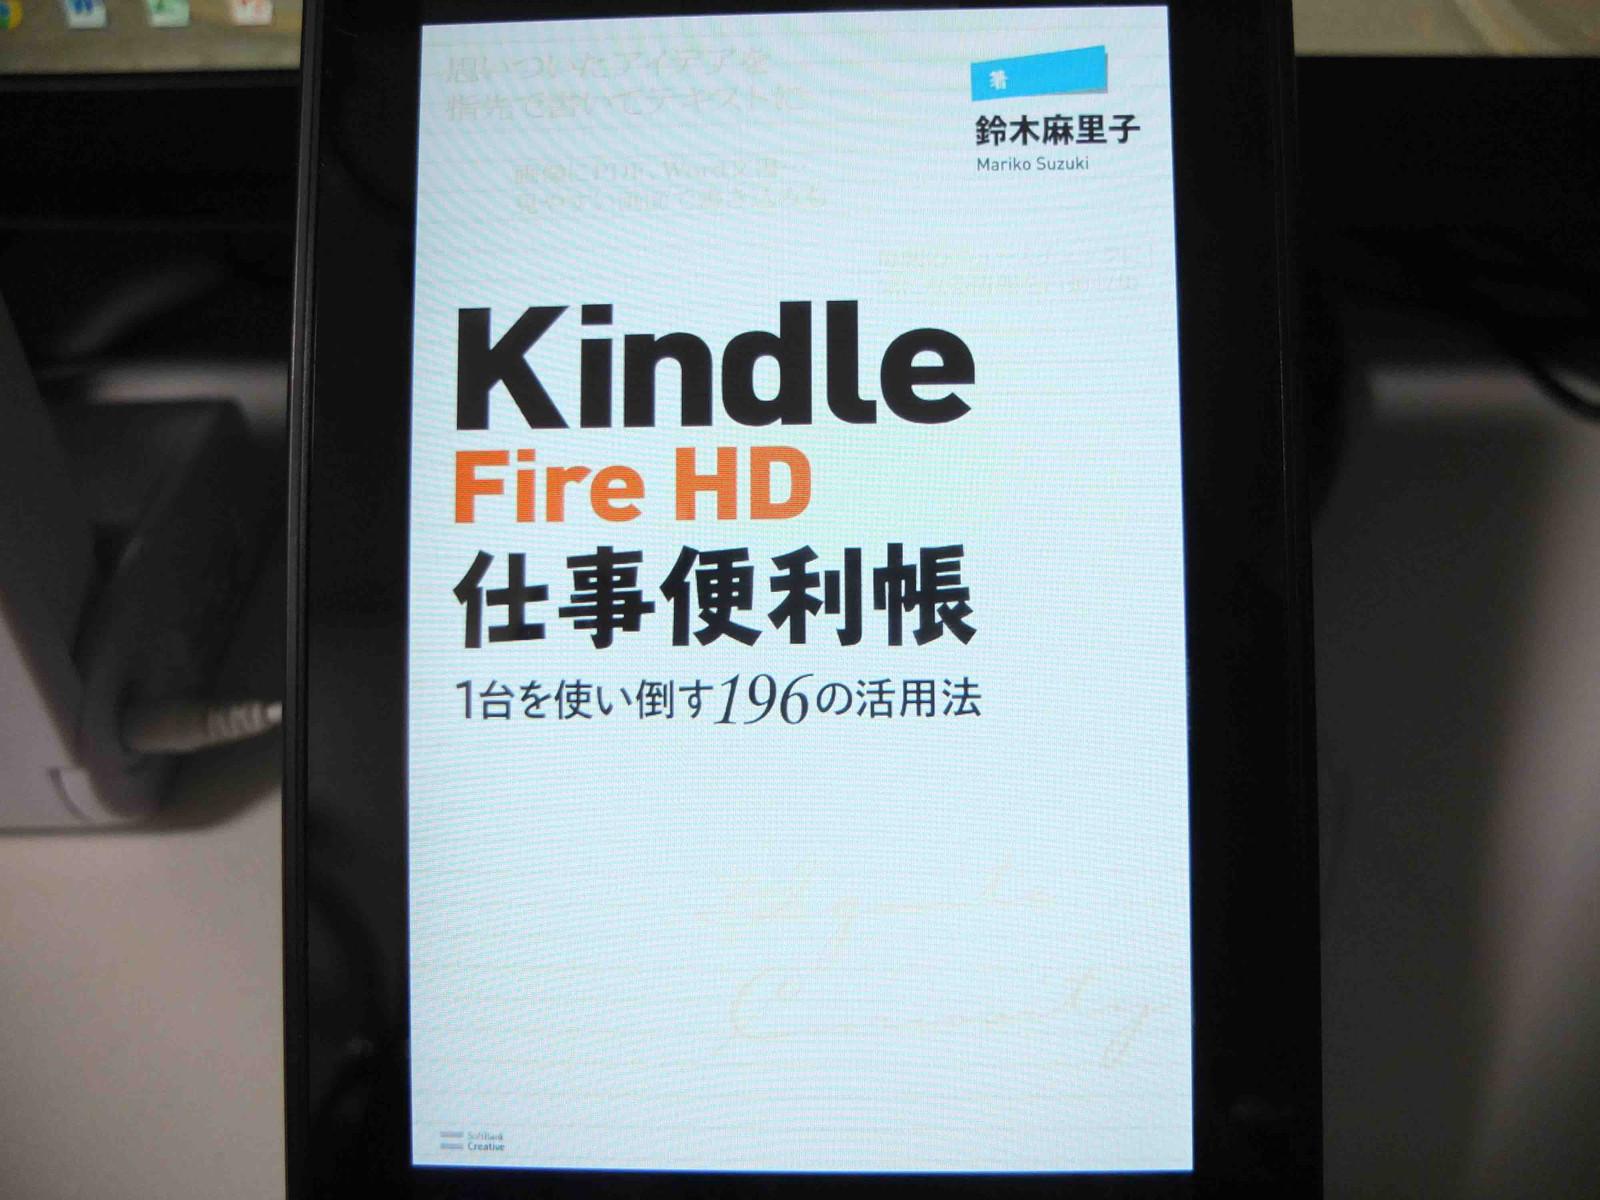 Ki_dle_fire_hd